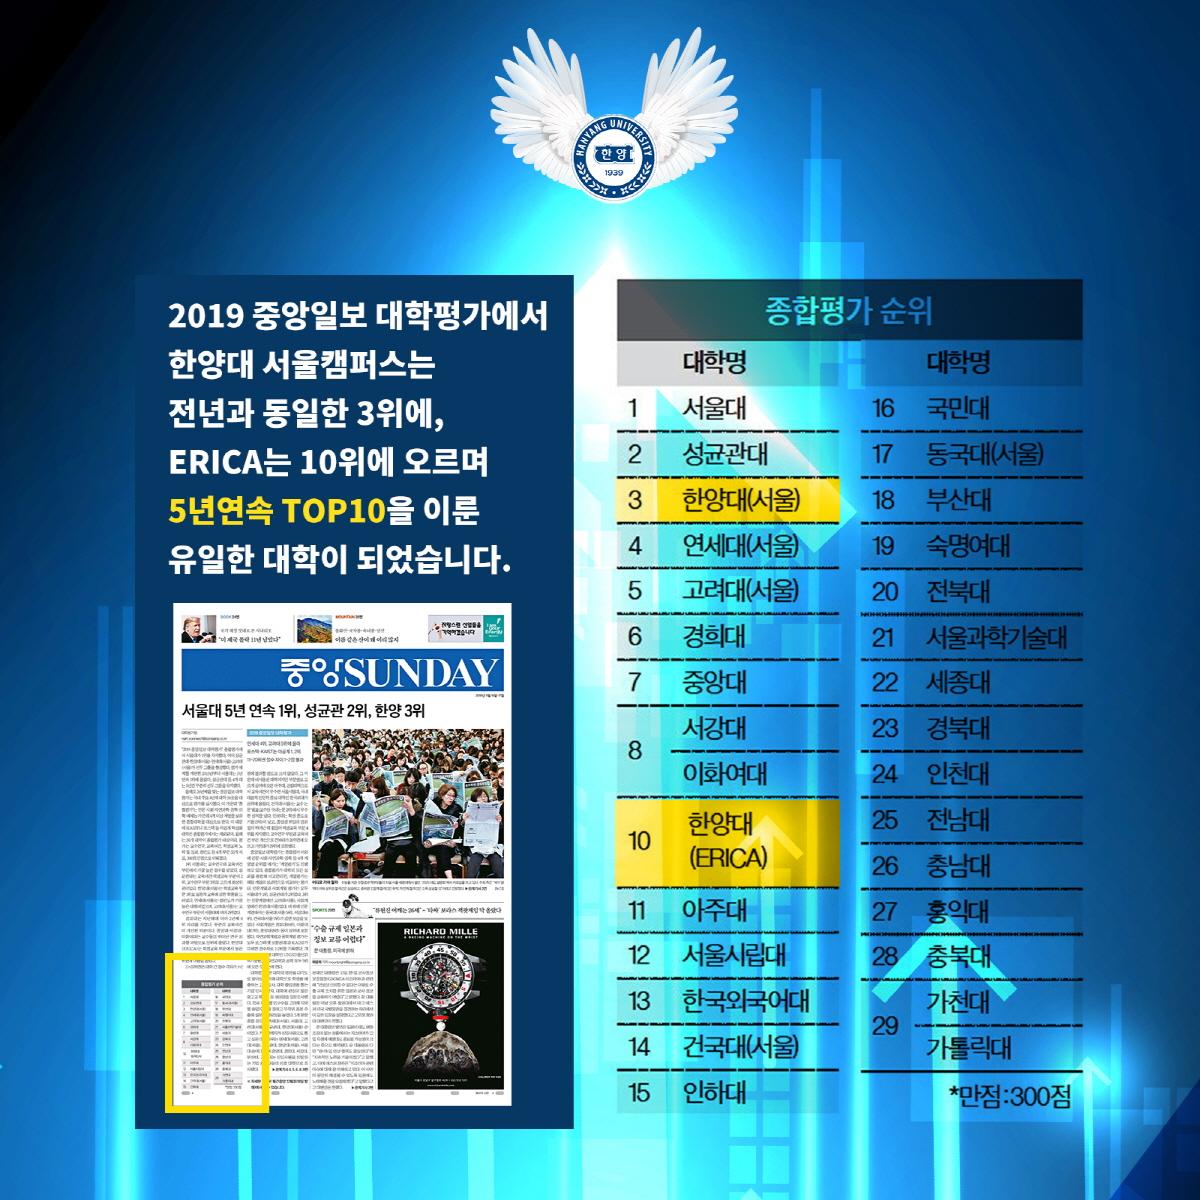 """<카드뉴스> 2019 중앙일보 대학평가, 서울 3위-ERICA 10위 """"5년 연속 TOP 10"""""""